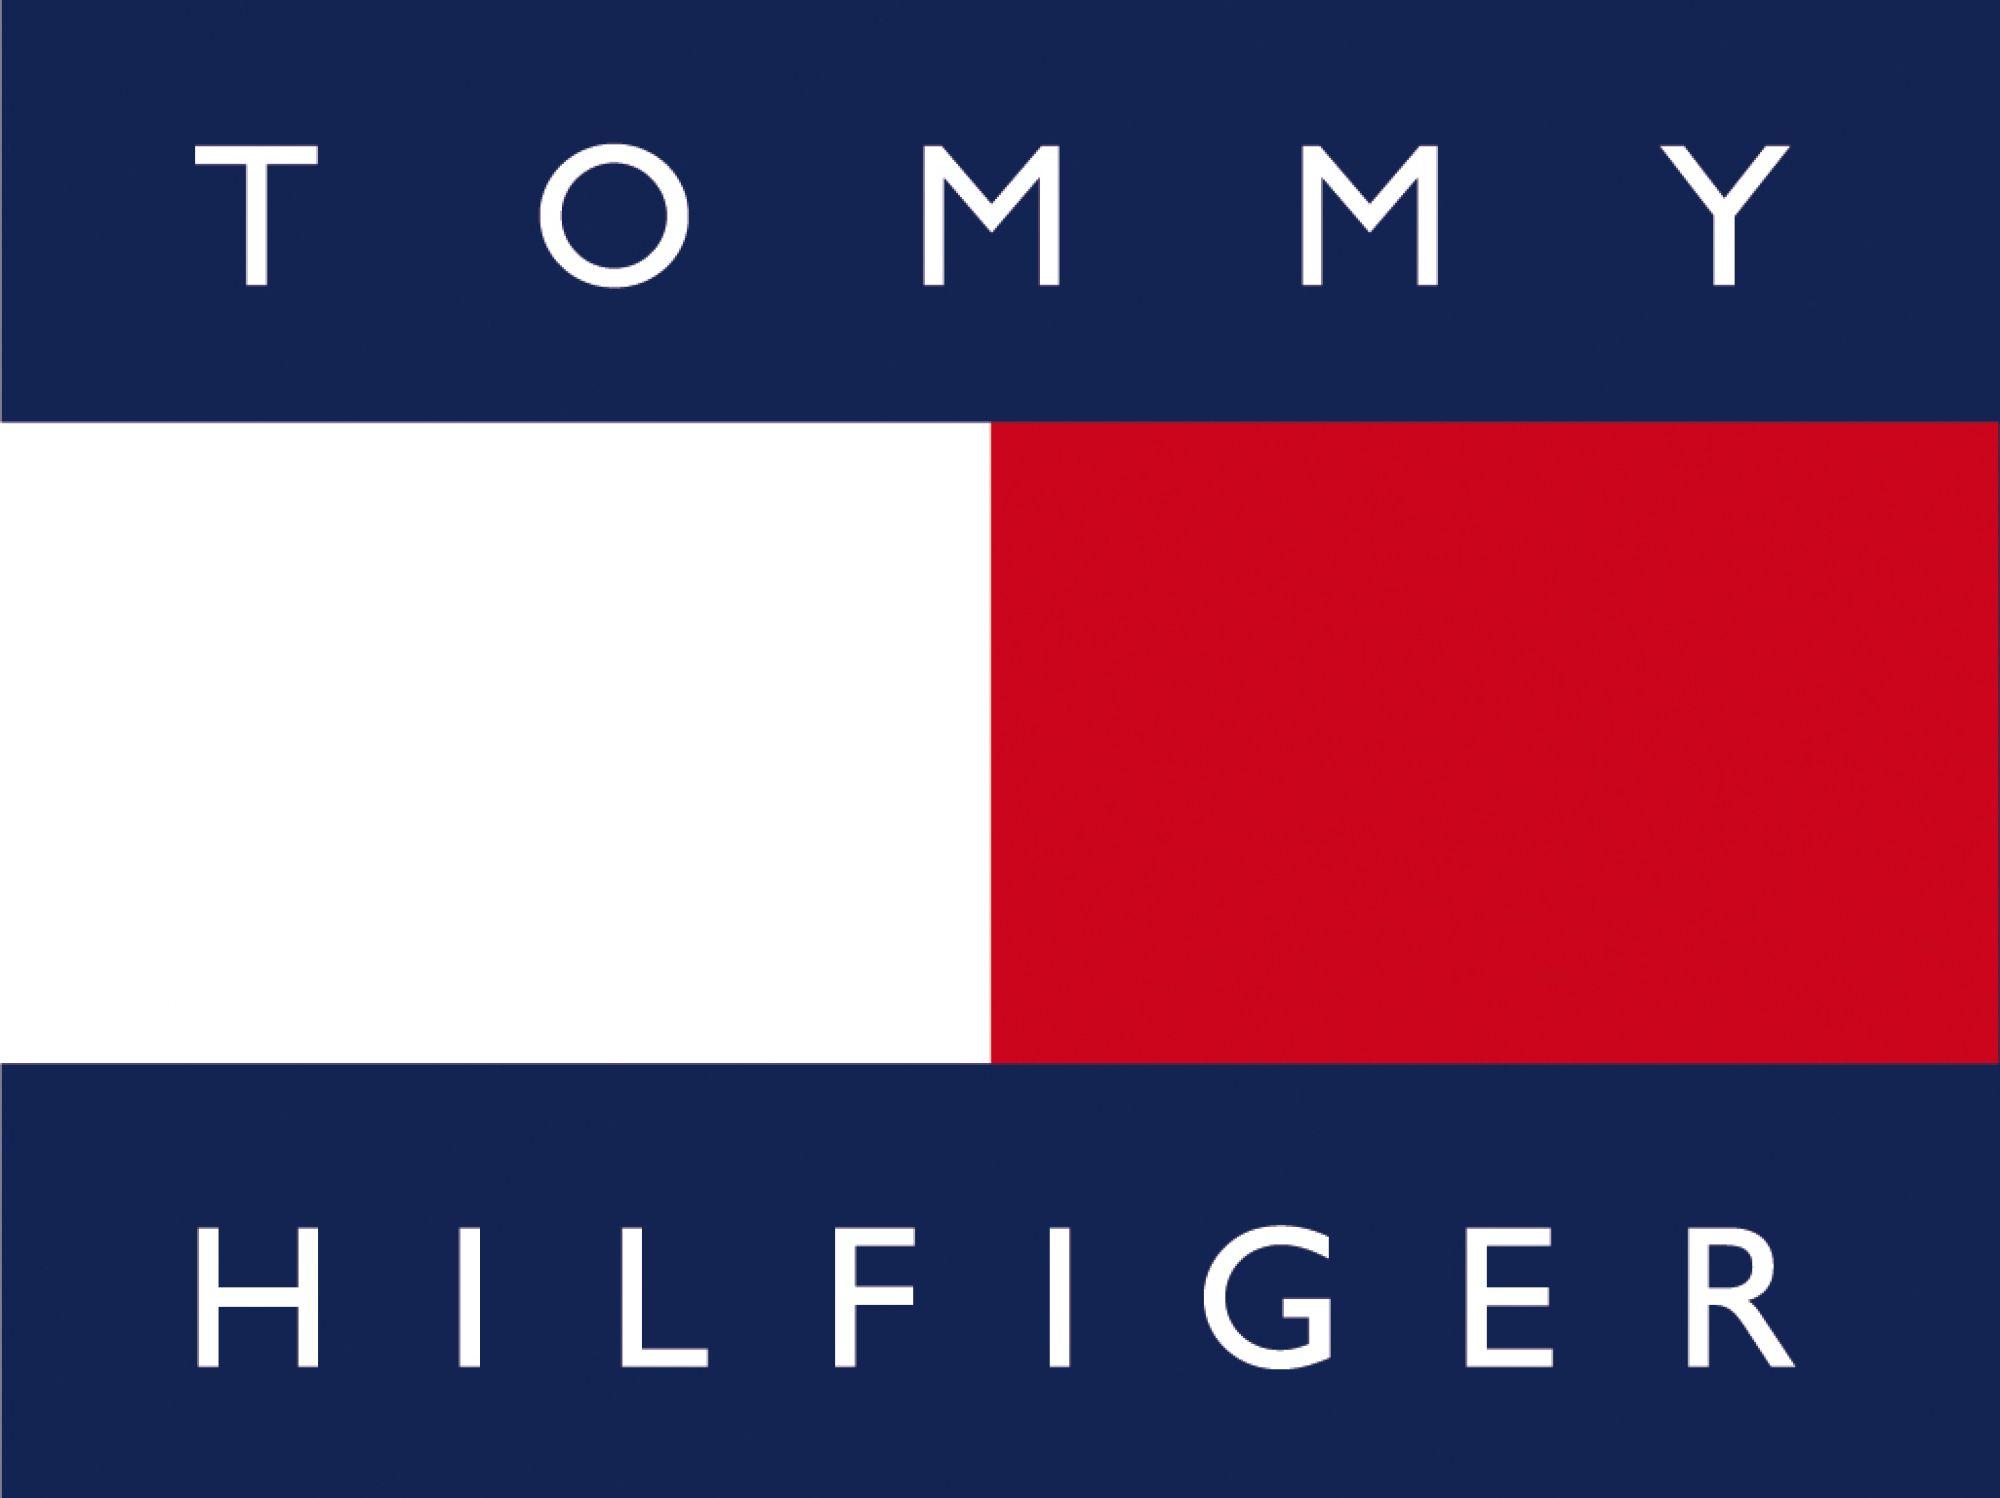 Tommy hilfiger la marque référence chez jeans center à nîmes 5c5f82b08bf